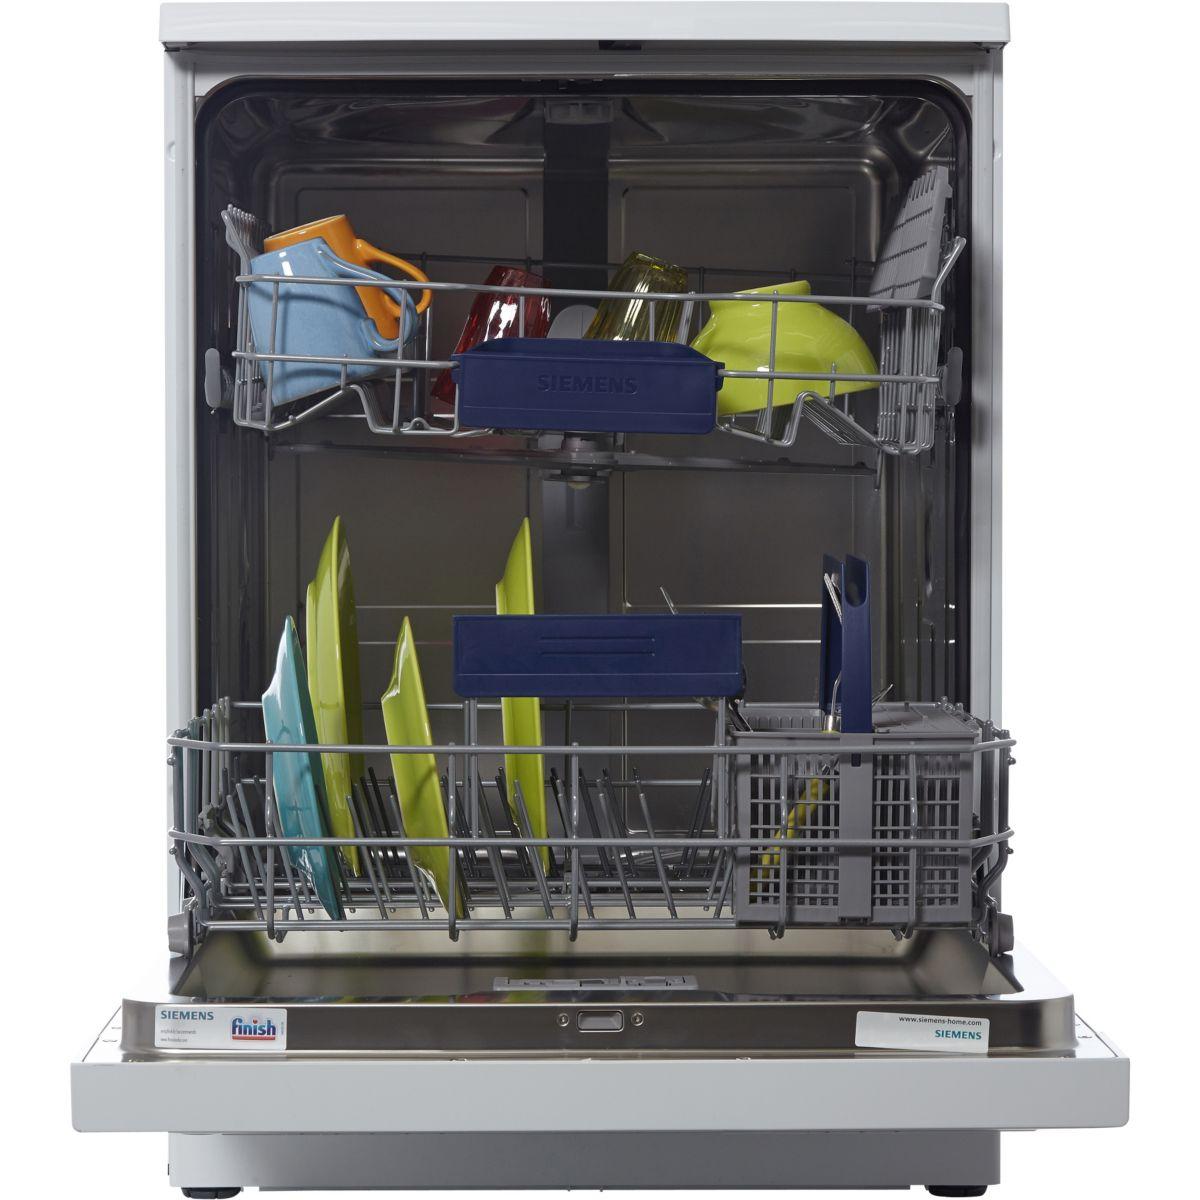 Lave vaisselle 60cm siemens sn25m244eu soldes et bonnes affaires à prix imbattables